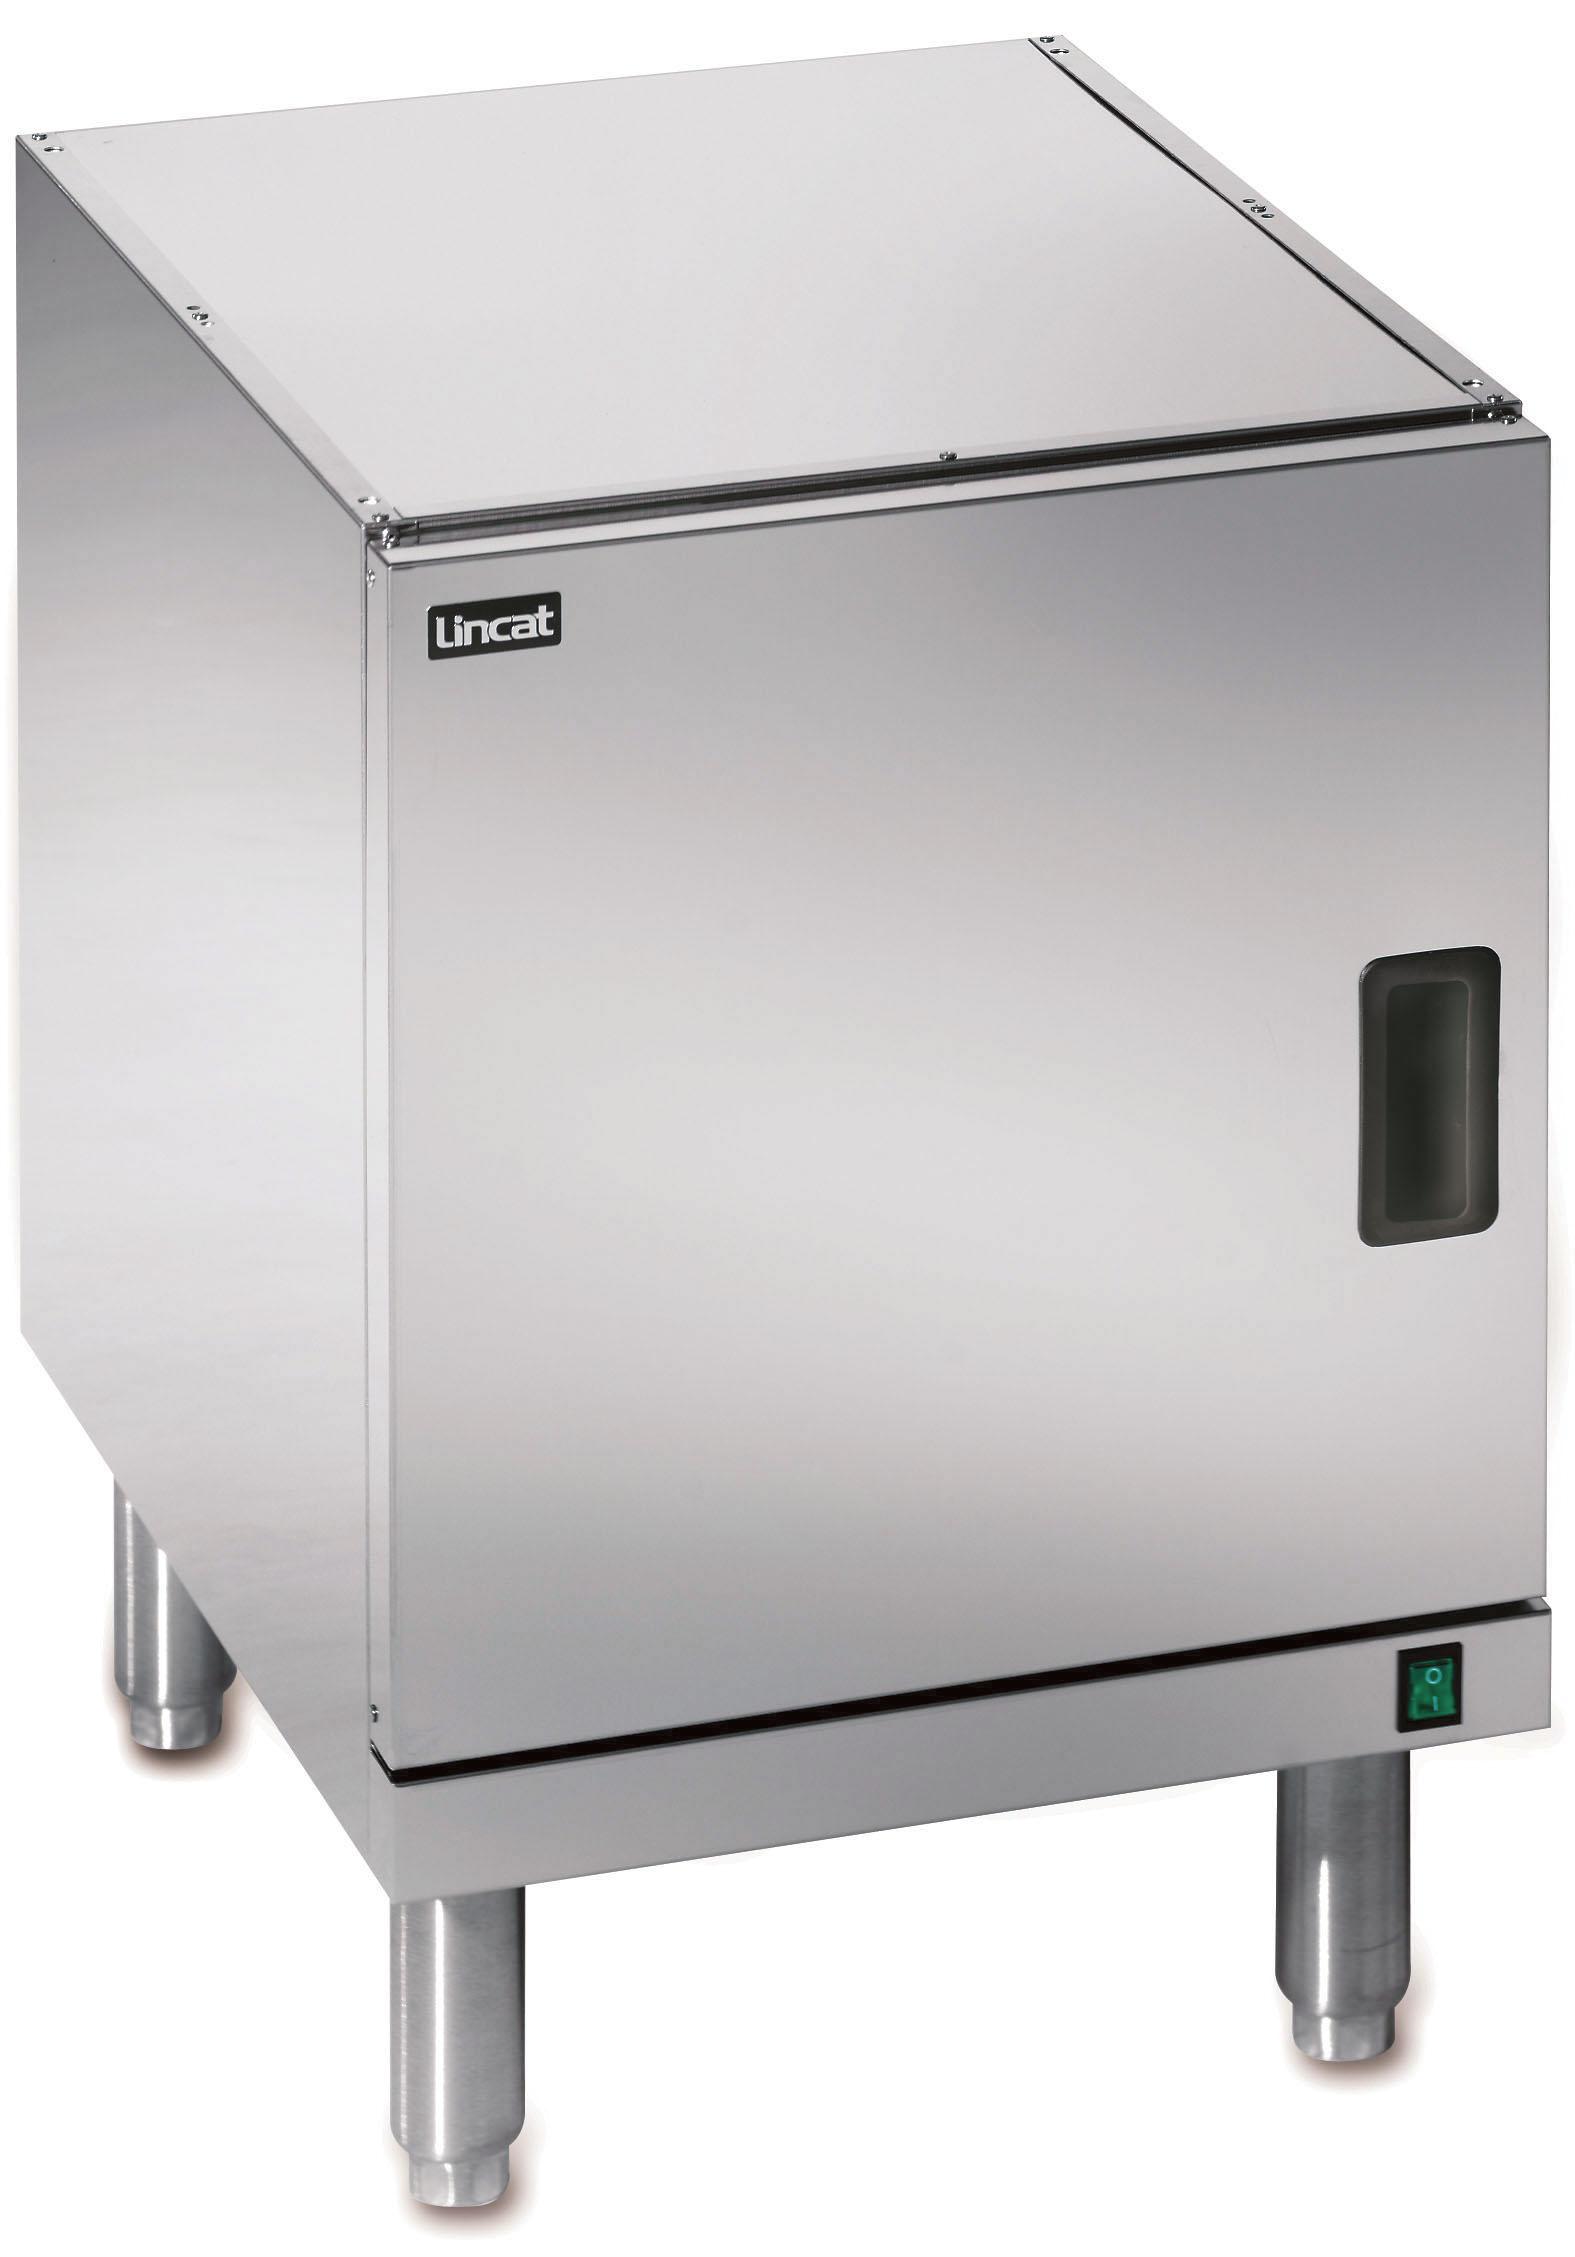 Pedestals for Countertop Fryers